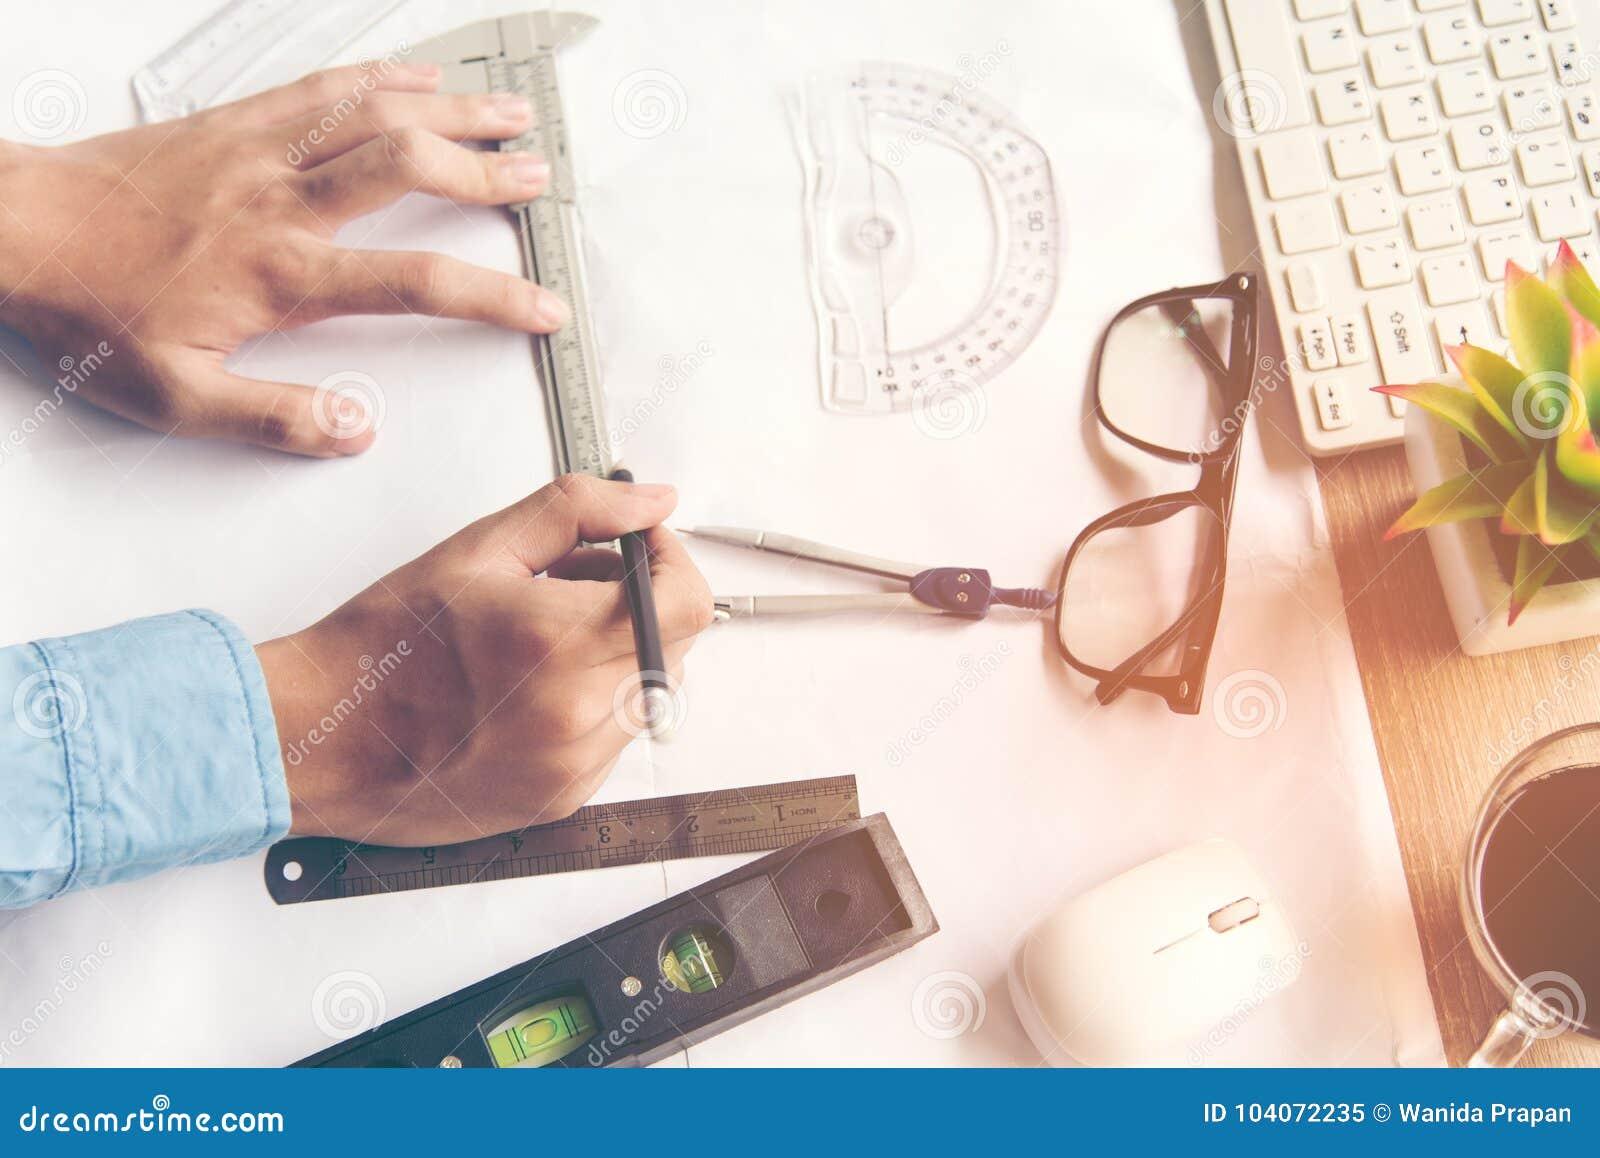 Τοπ αρχιτέκτονας άποψης που εργάζεται στο σχεδιάγραμμα Εργασιακός χώρος αρχιτεκτόνων Εργαλεία μηχανικών και έλεγχος ασφάλειας, σχ